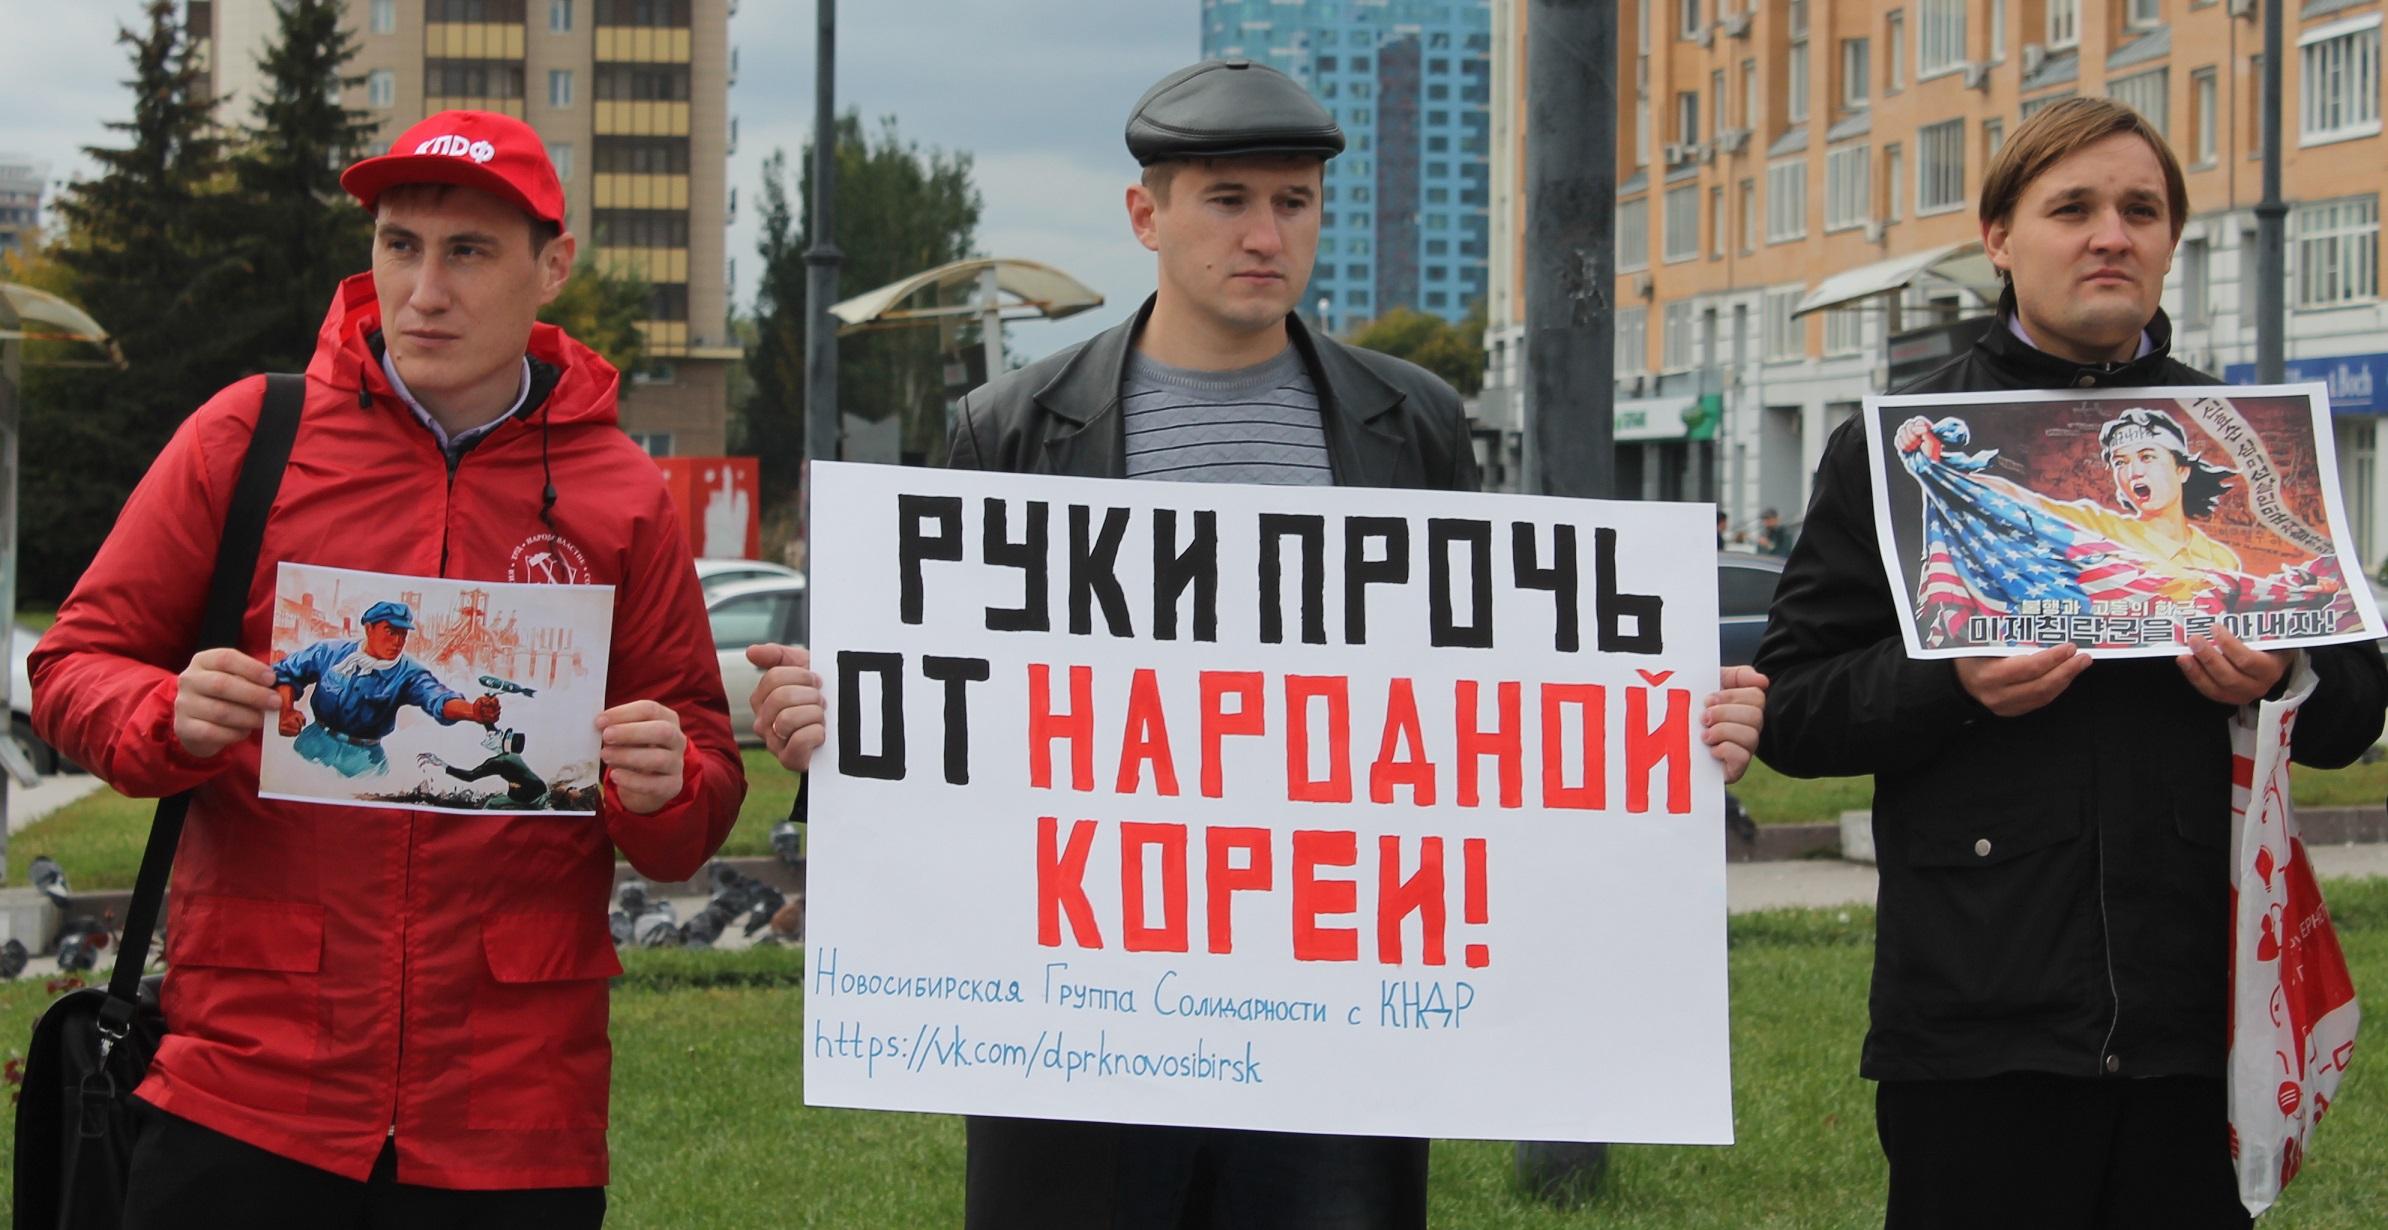 Новосибирские коммунисты провели митинг в поддержку Северной Кореи